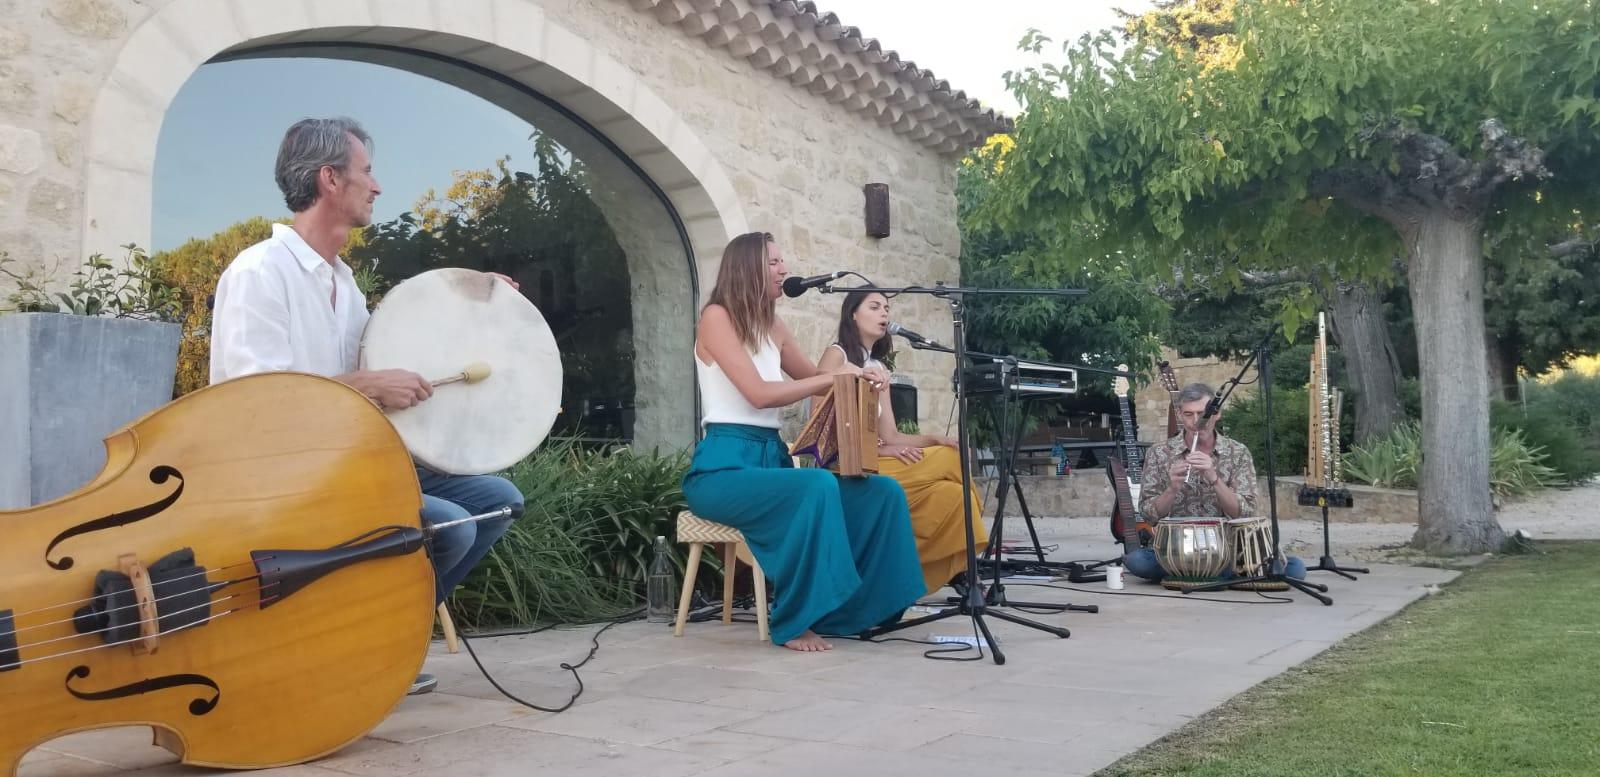 Atelier chant du monde pour adulte à Aix-en-Provence